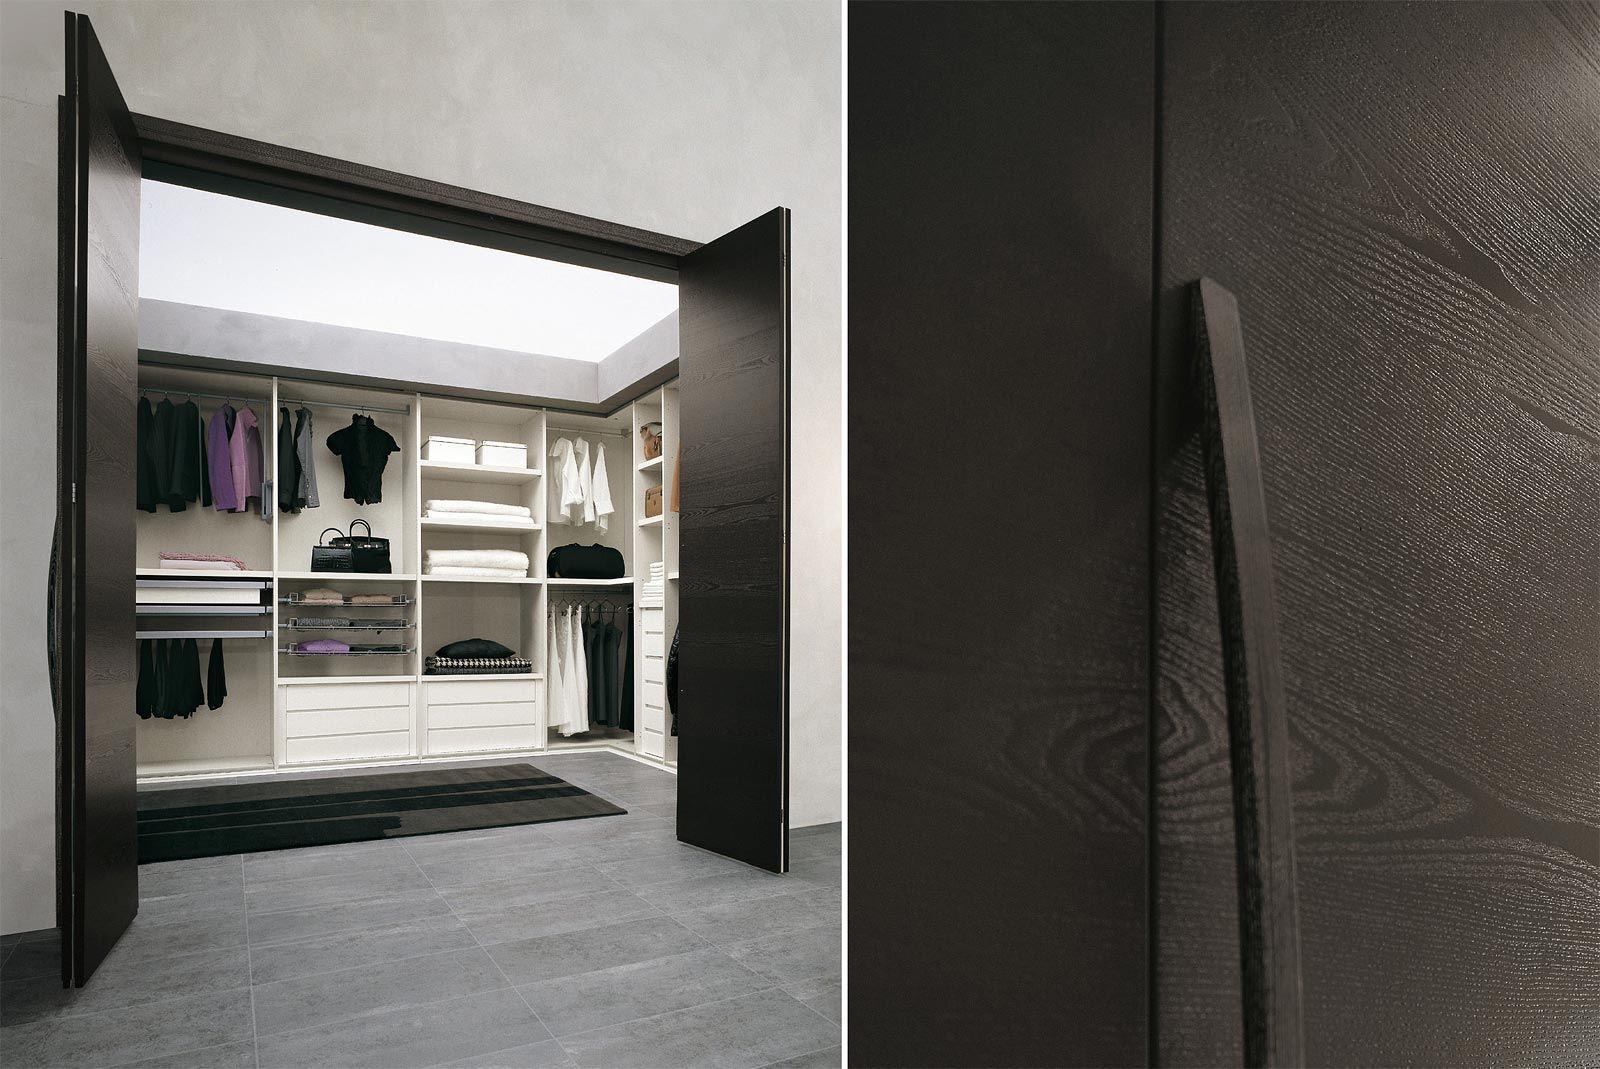 camere da letto moderne cabina armadio - cenedese | walk-in closet ... - Design Moderno Cabina Armadio